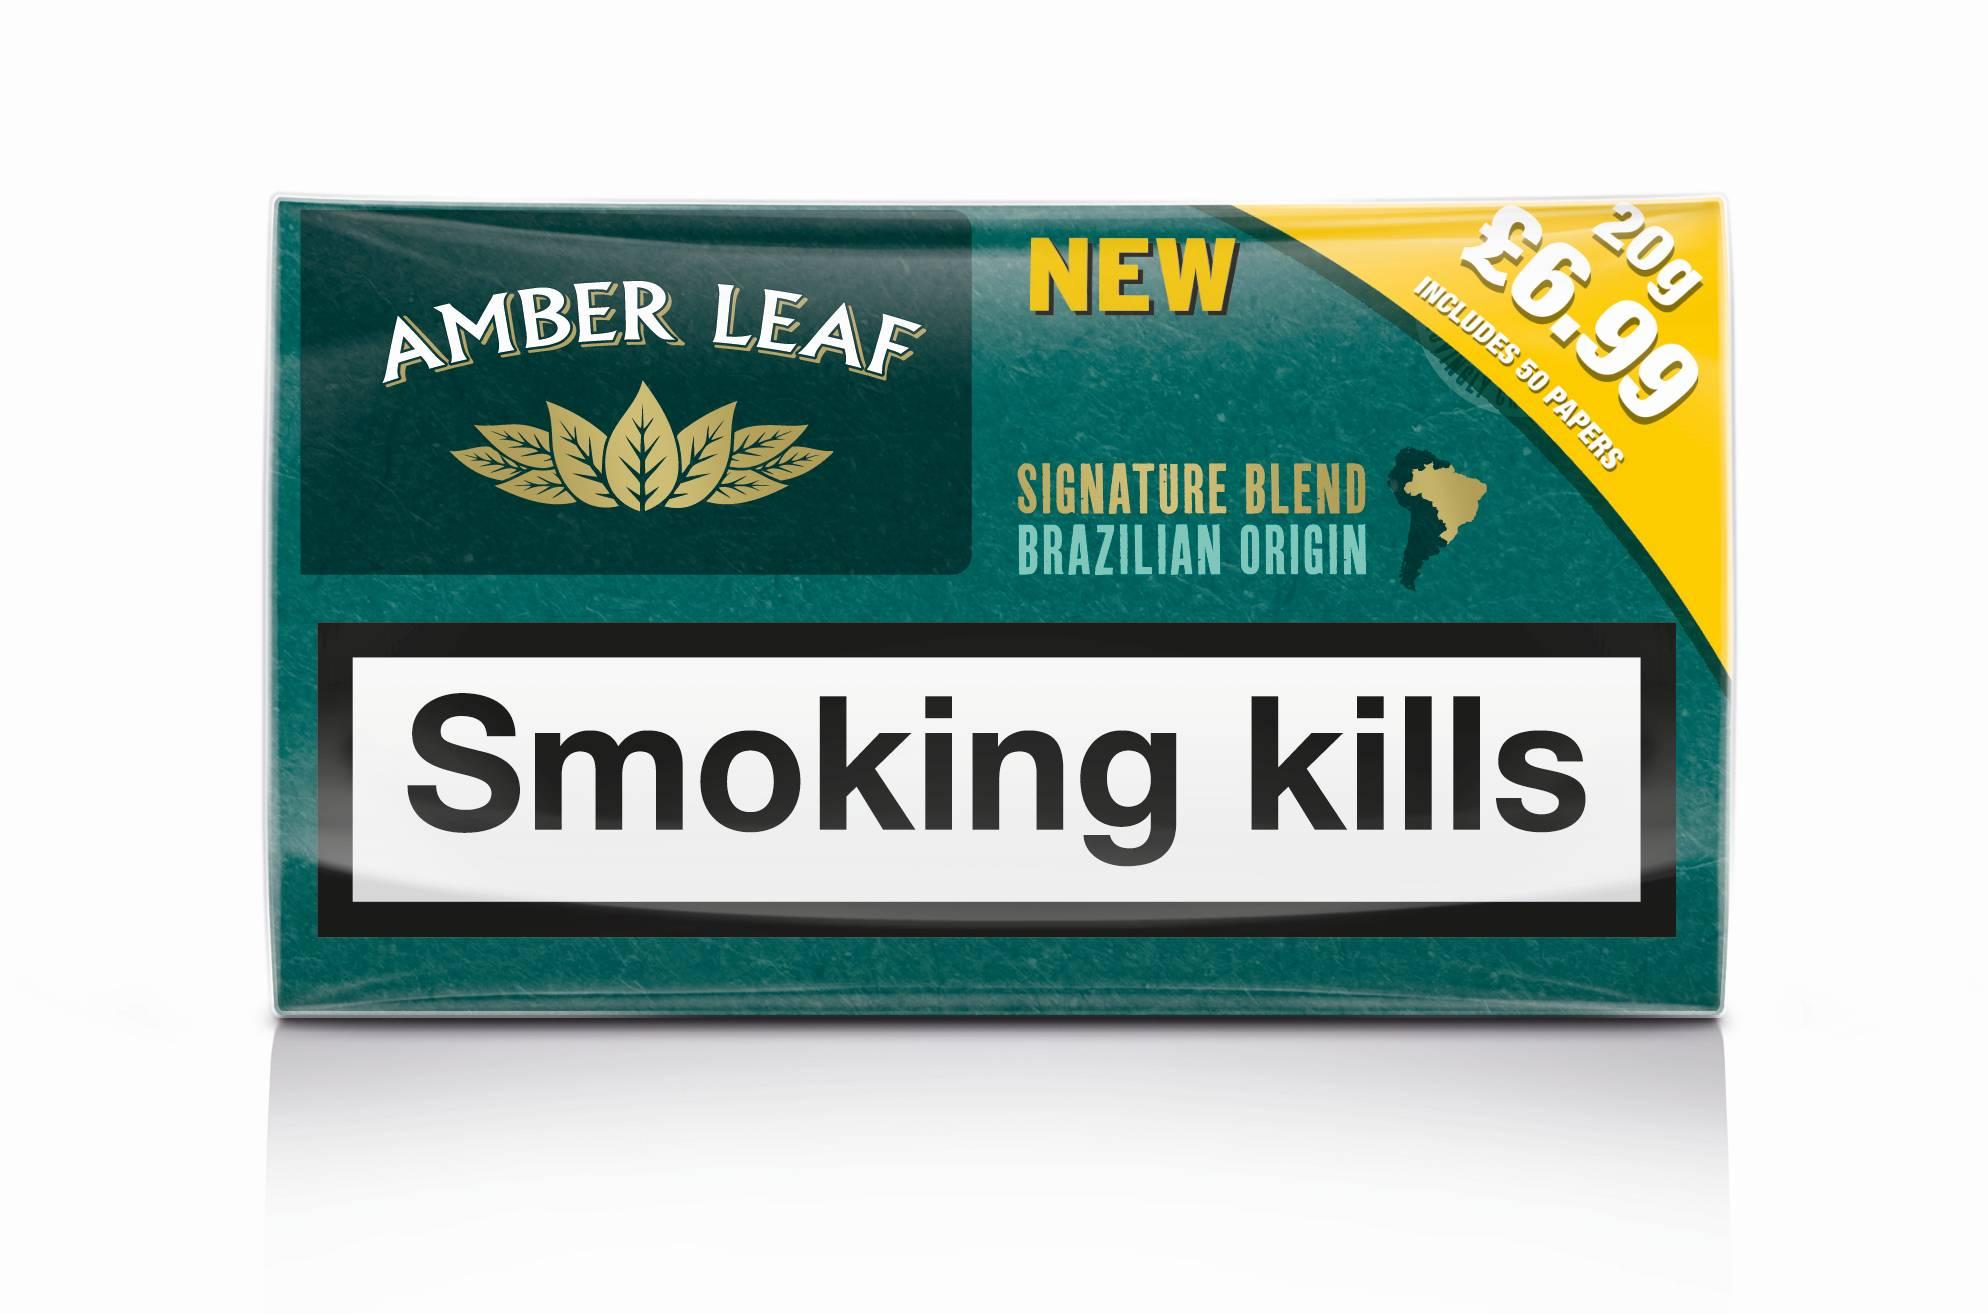 Golden ticket promotion for amber leaf retailers for Amber leaf